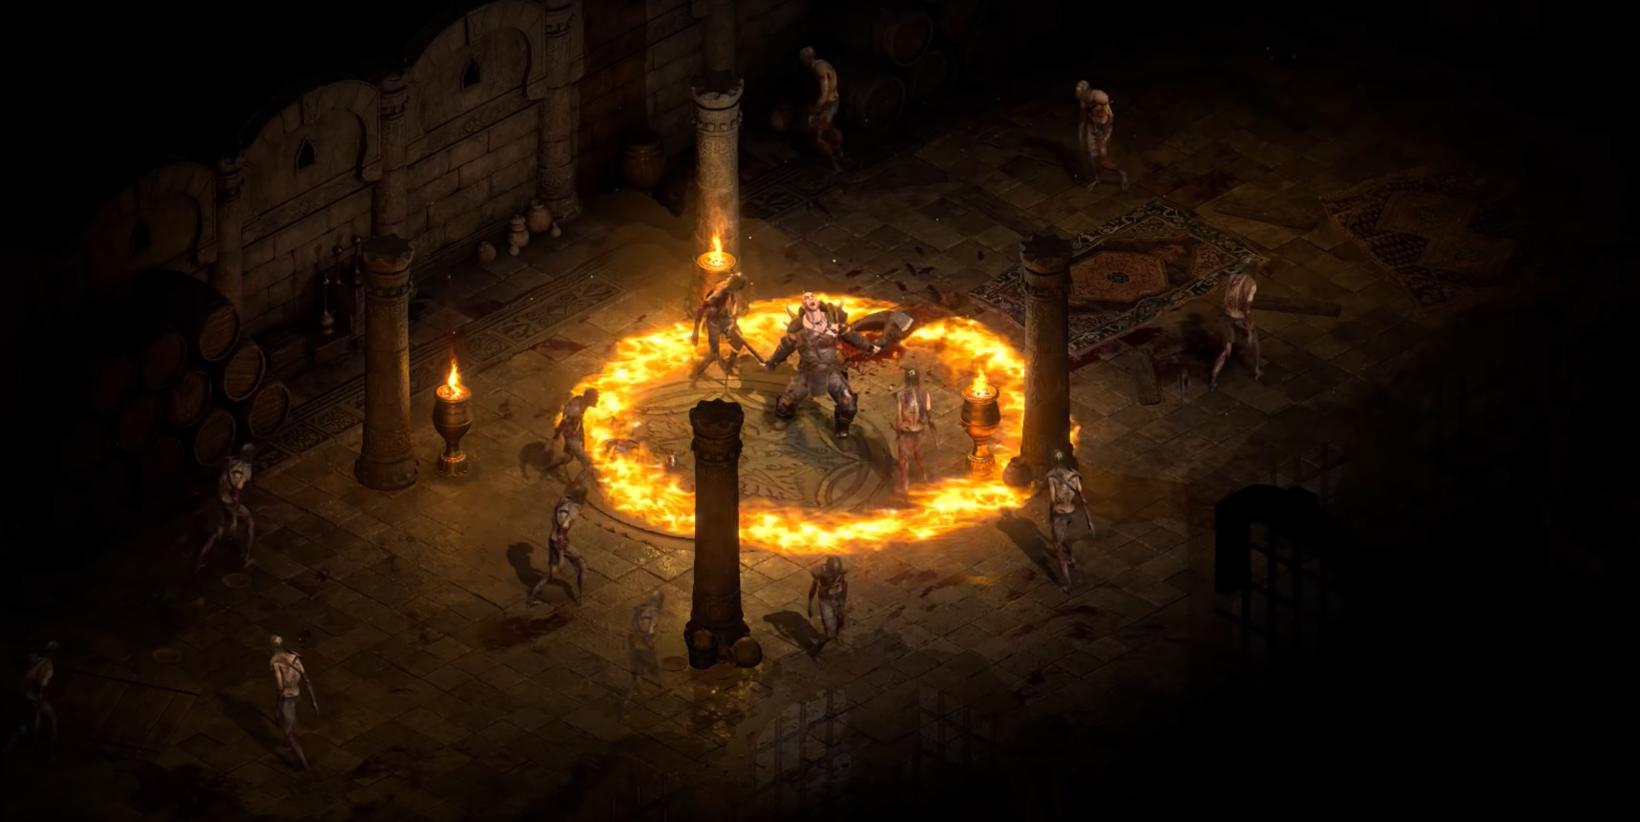 Skjáskot úr kynningarstiklu Diablo II Resurrected.